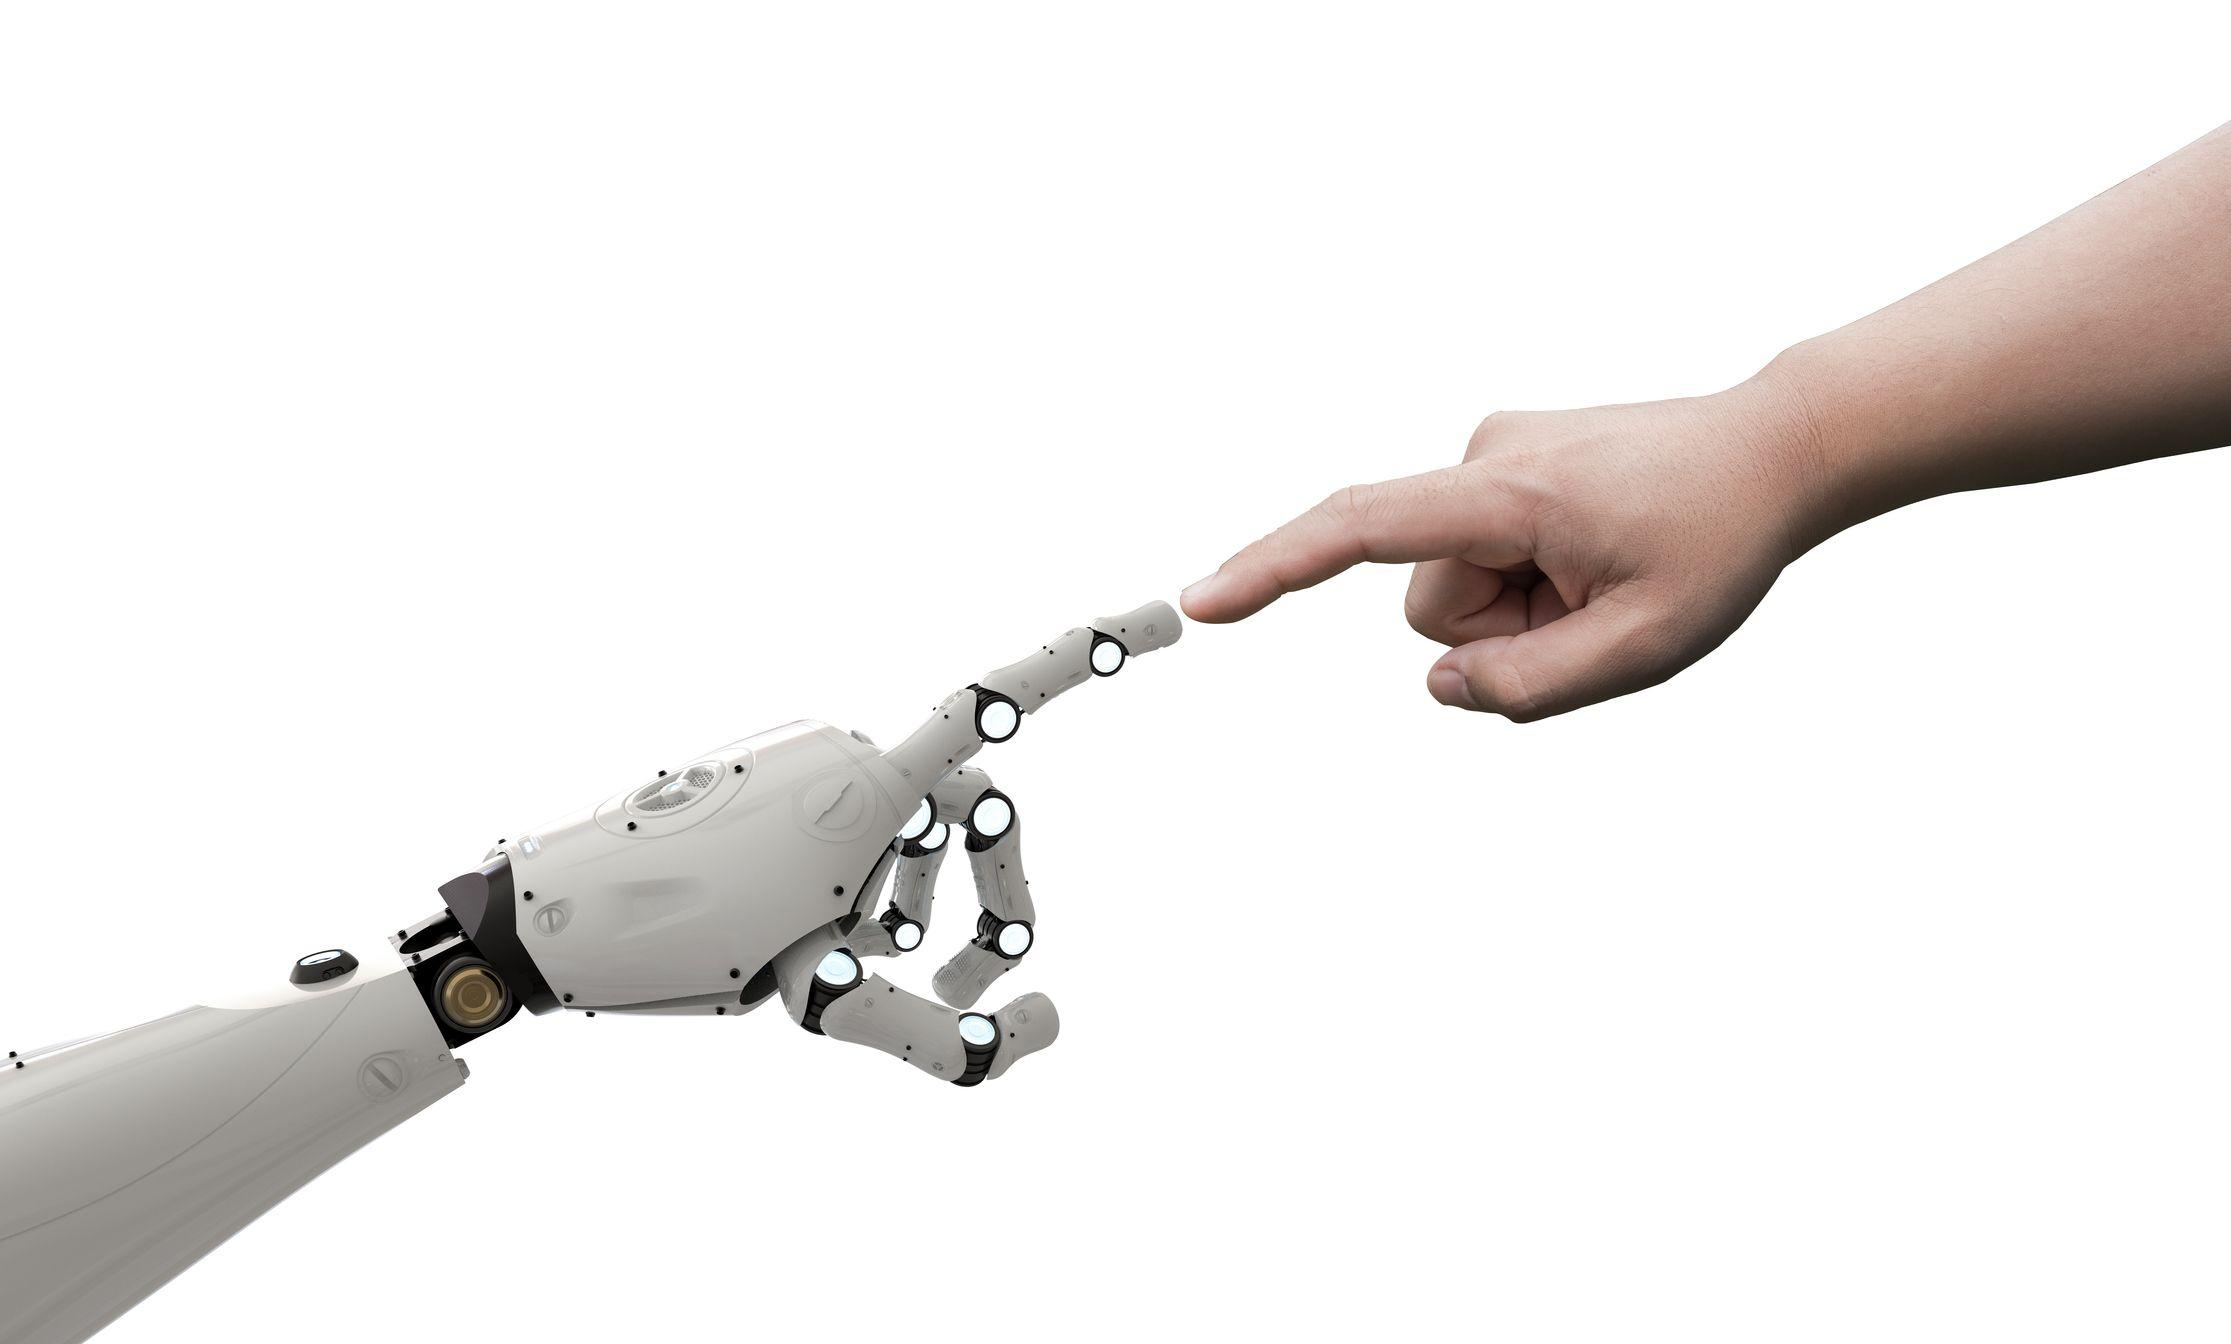 robot-hand-child-stock